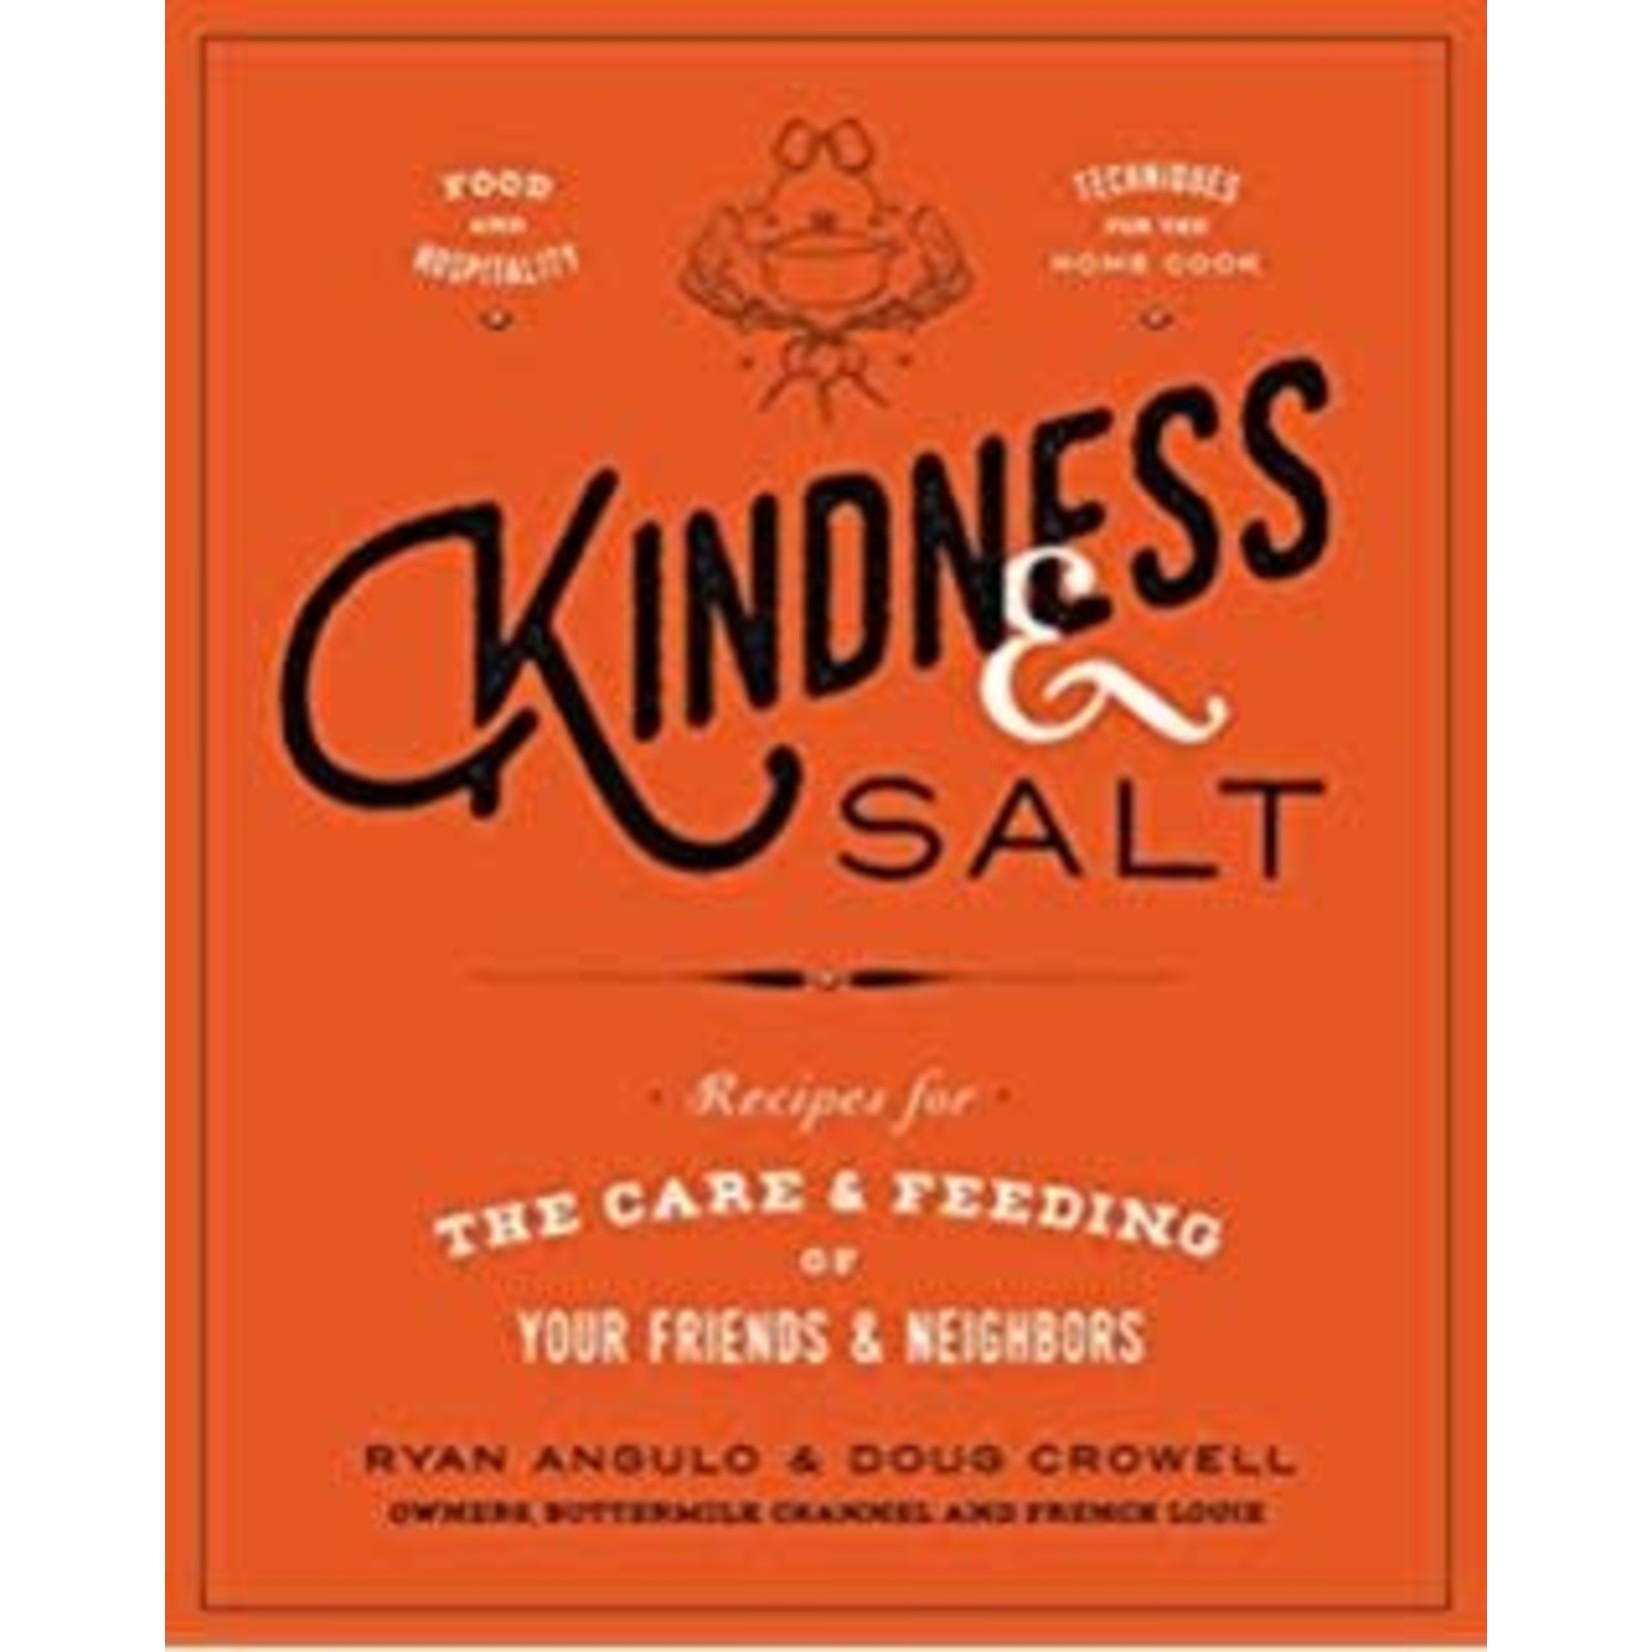 Kindness and Salt